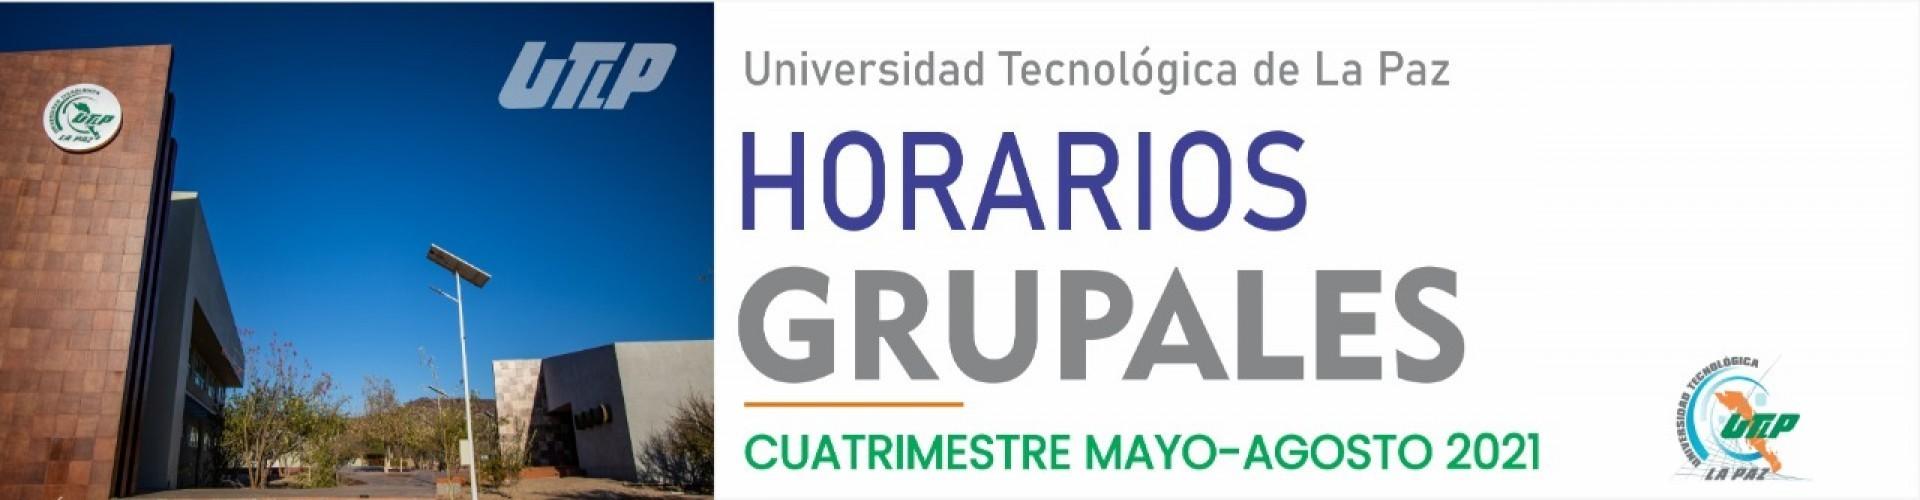 Horarios grupales del cuatrimestre Mayo - Agosto 2021